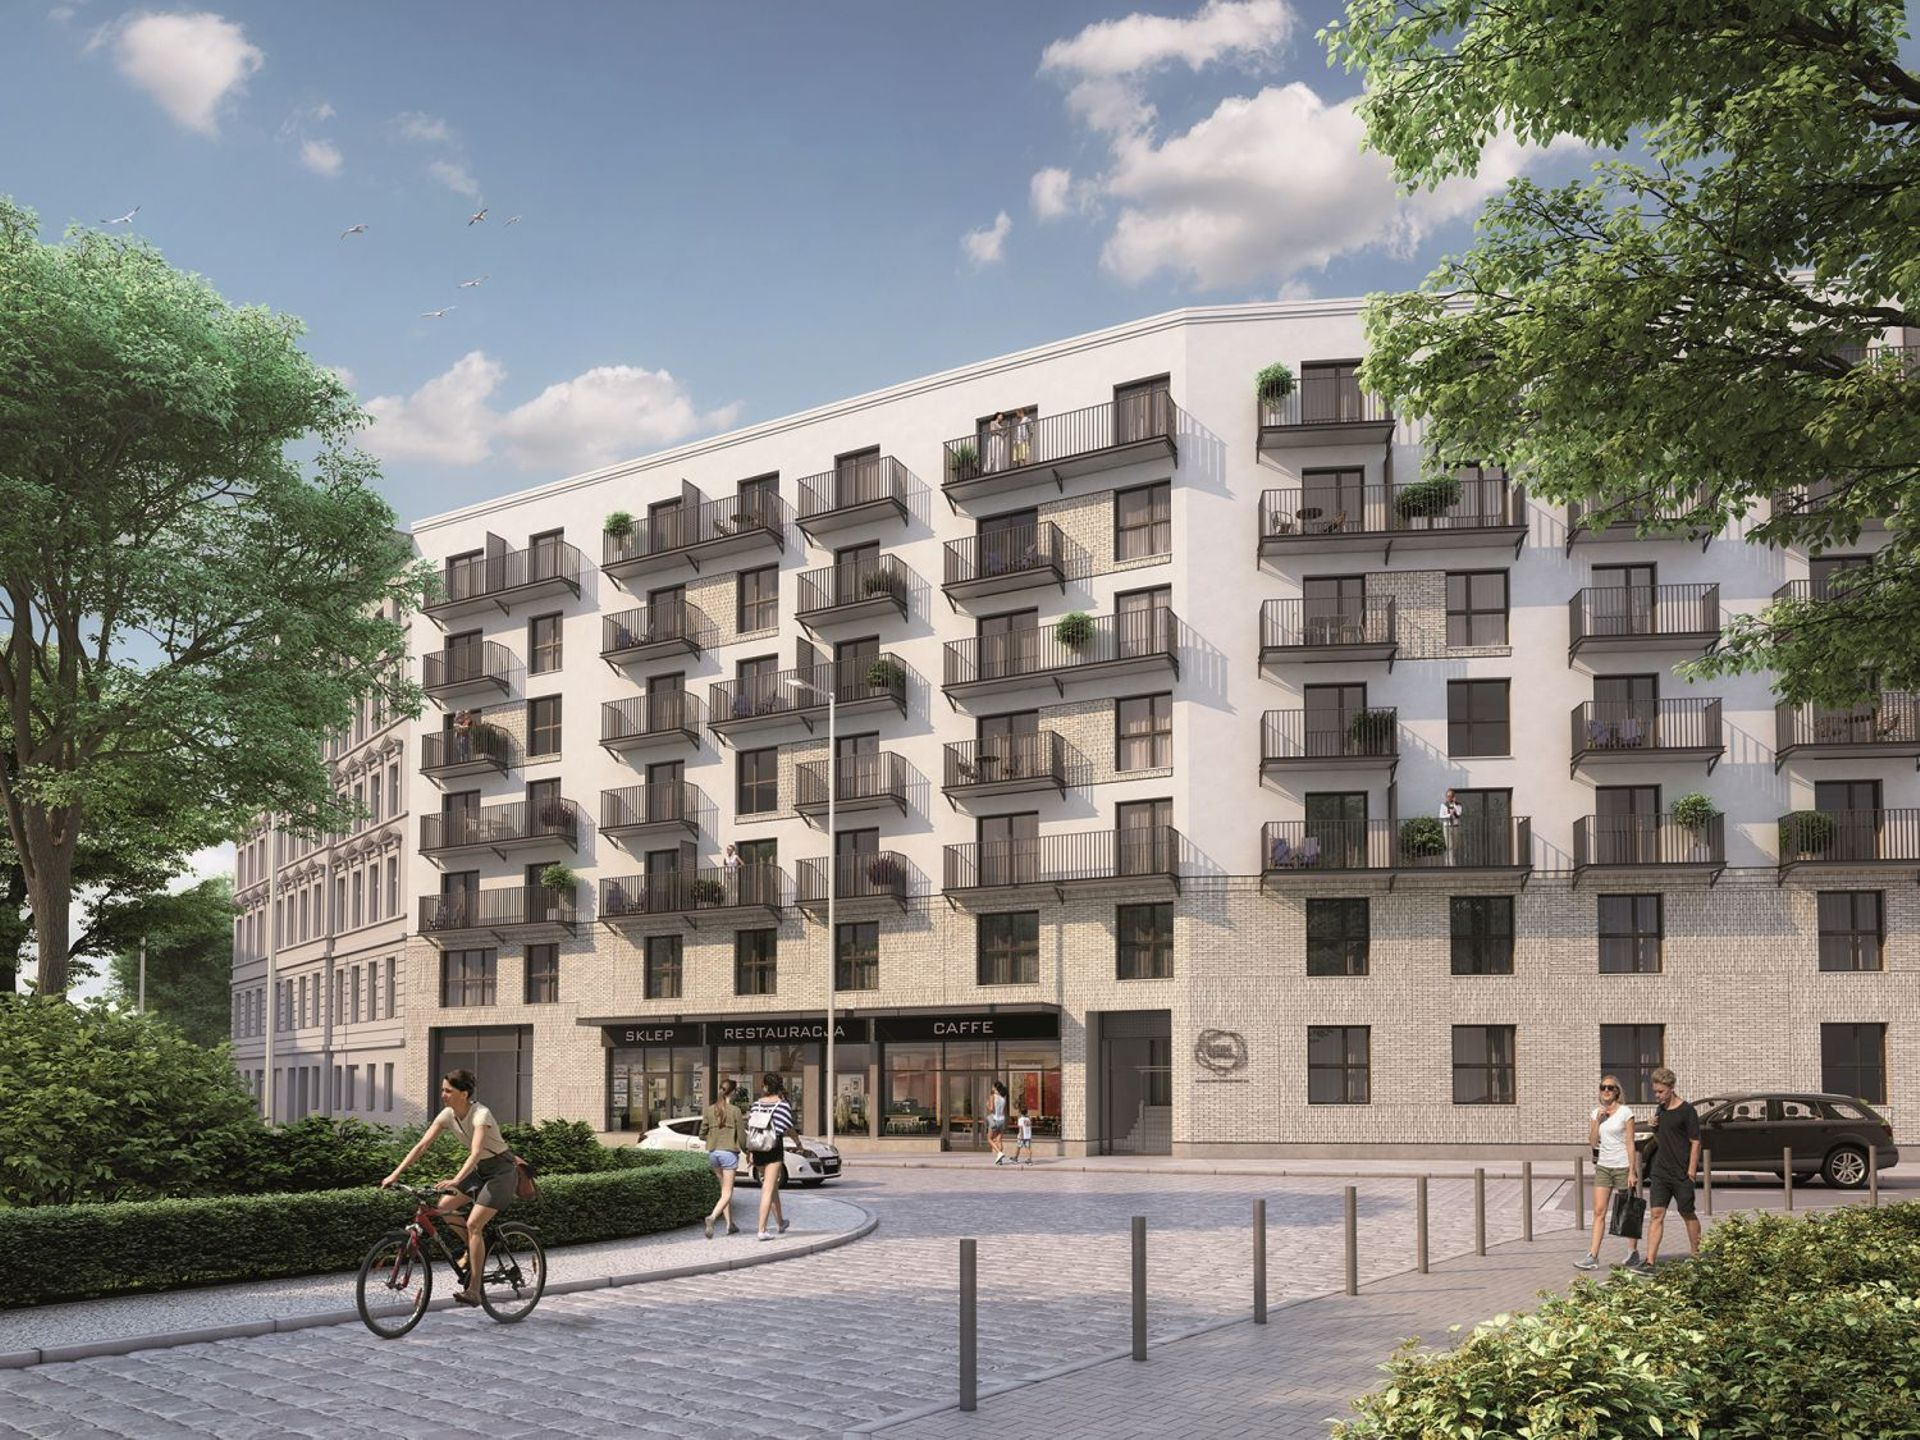 Wrocław: Dom na Kurkowej – Dom Development stawia blok w miejscu zburzonej kamienicy na Nadodrzu